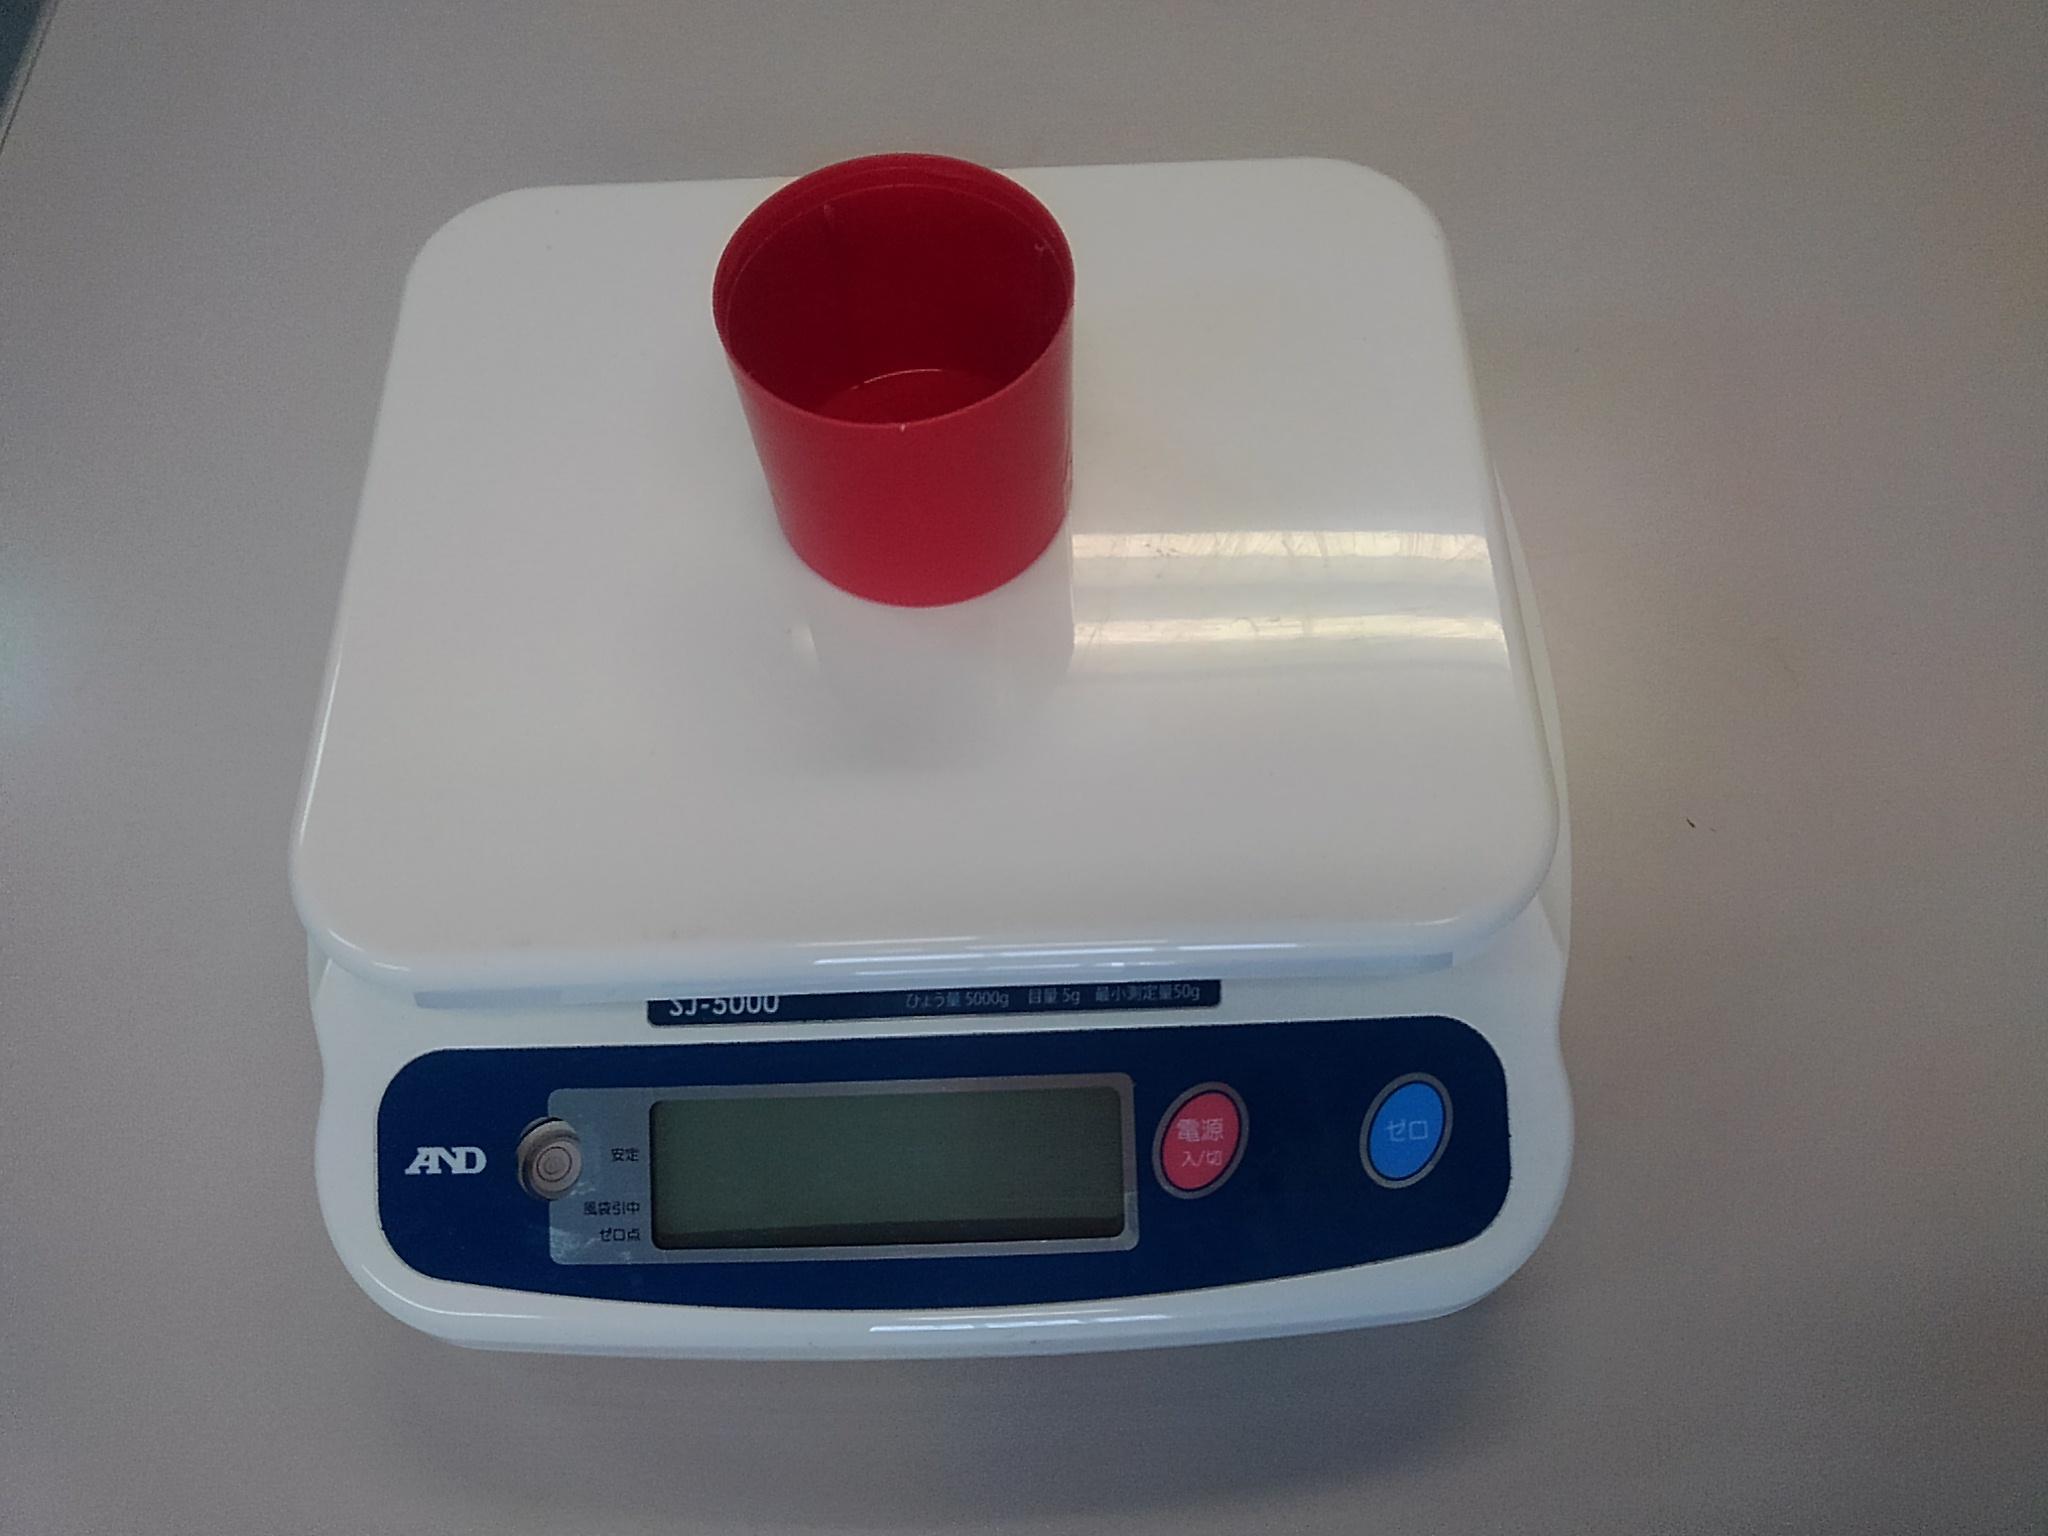 【土の比重(単位体積重量)の求め方】現場で簡単に測定する方法